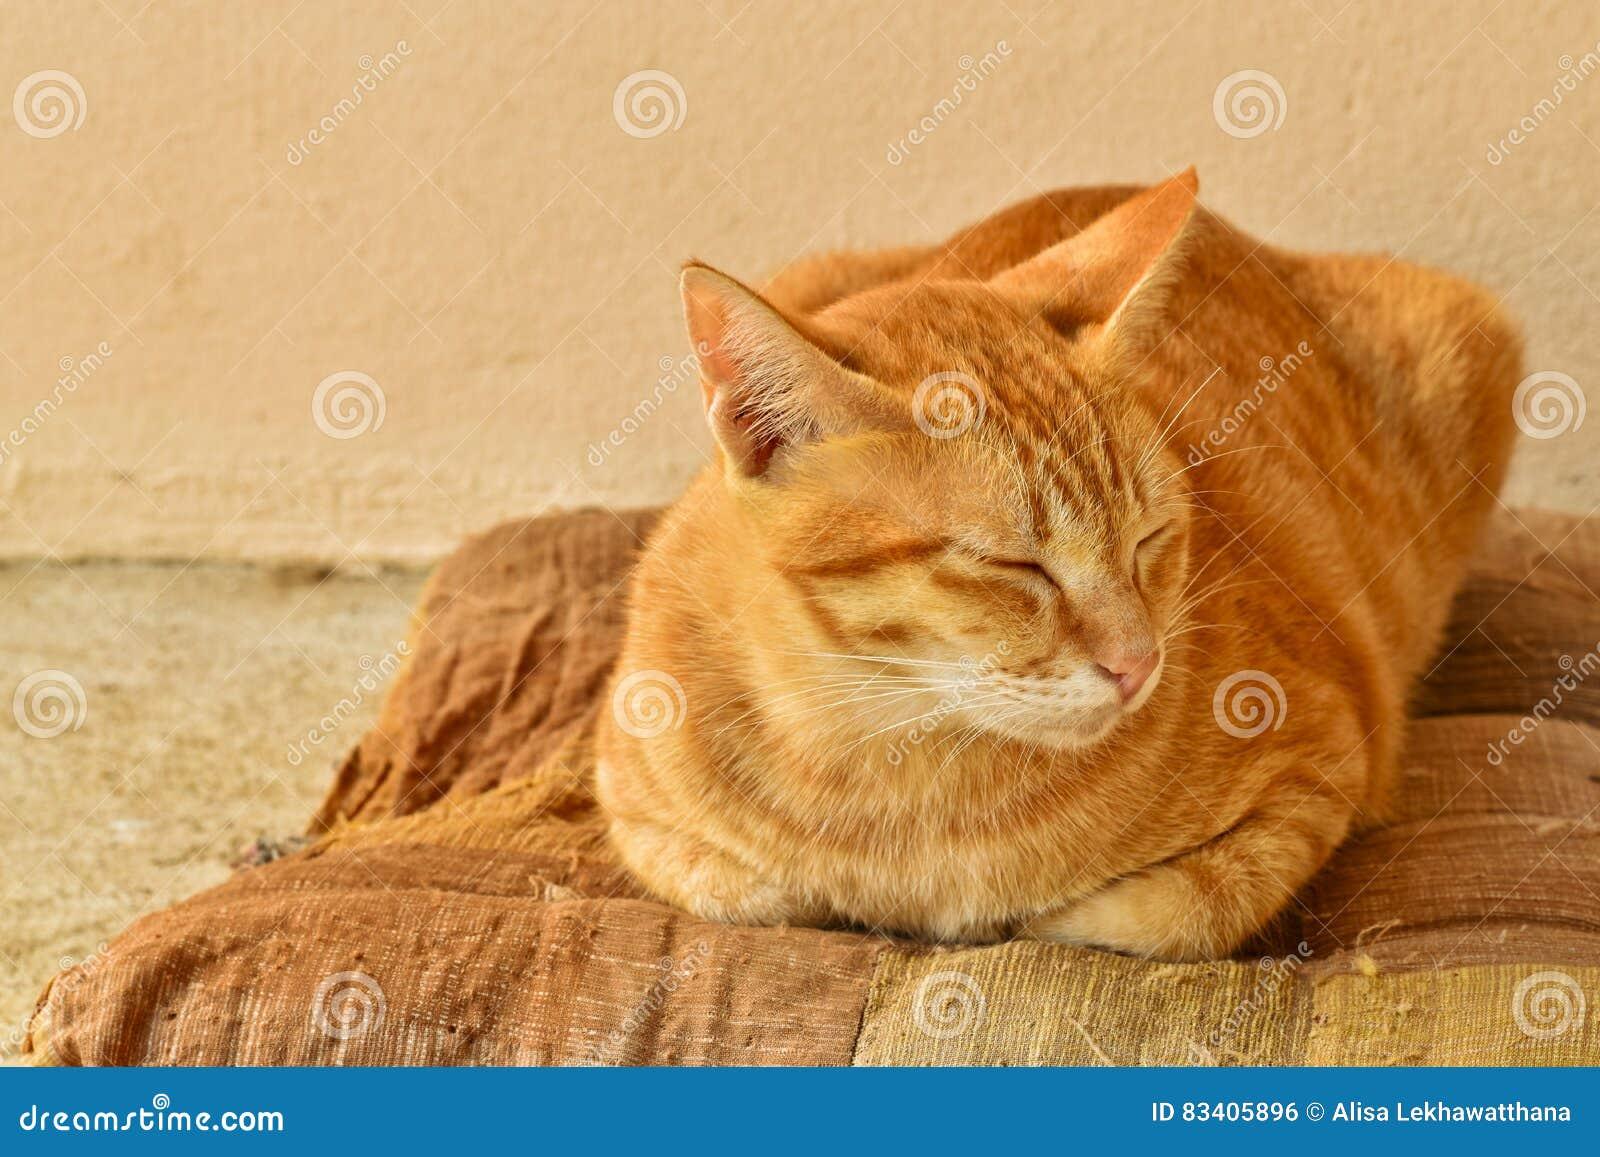 Gato de gato atigrado anaranjado so oliento en el - El gato en casa ...